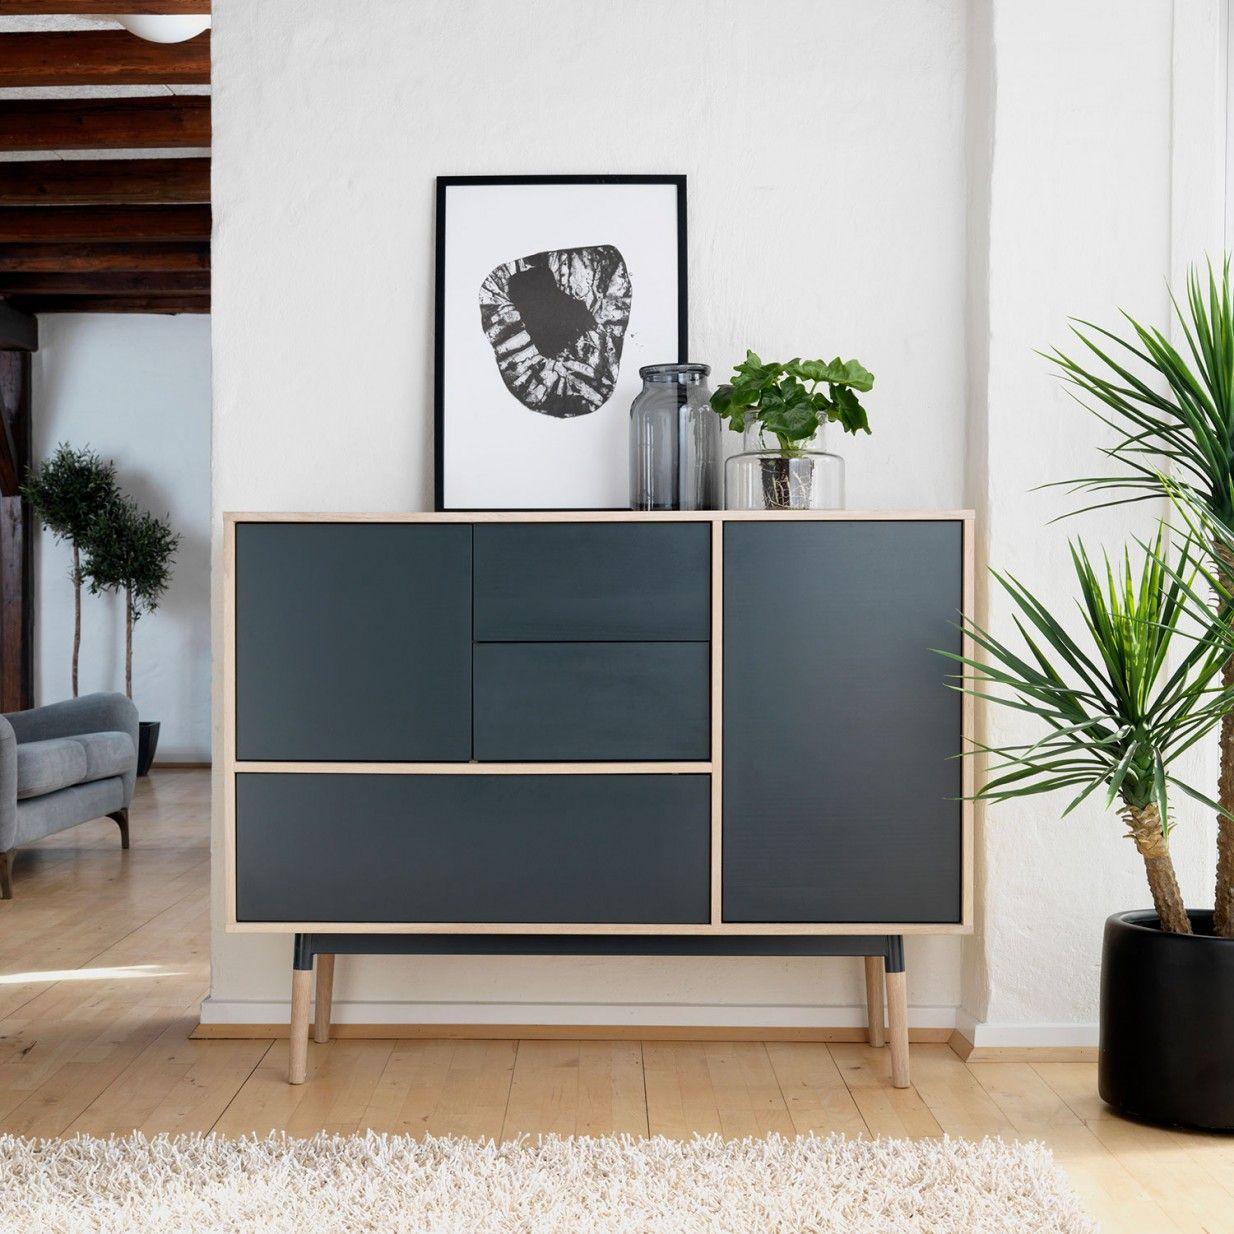 Milton Highboard Canett Furniture Interesting Living Room Living Room Storage Storage Design Living room storage cabinet